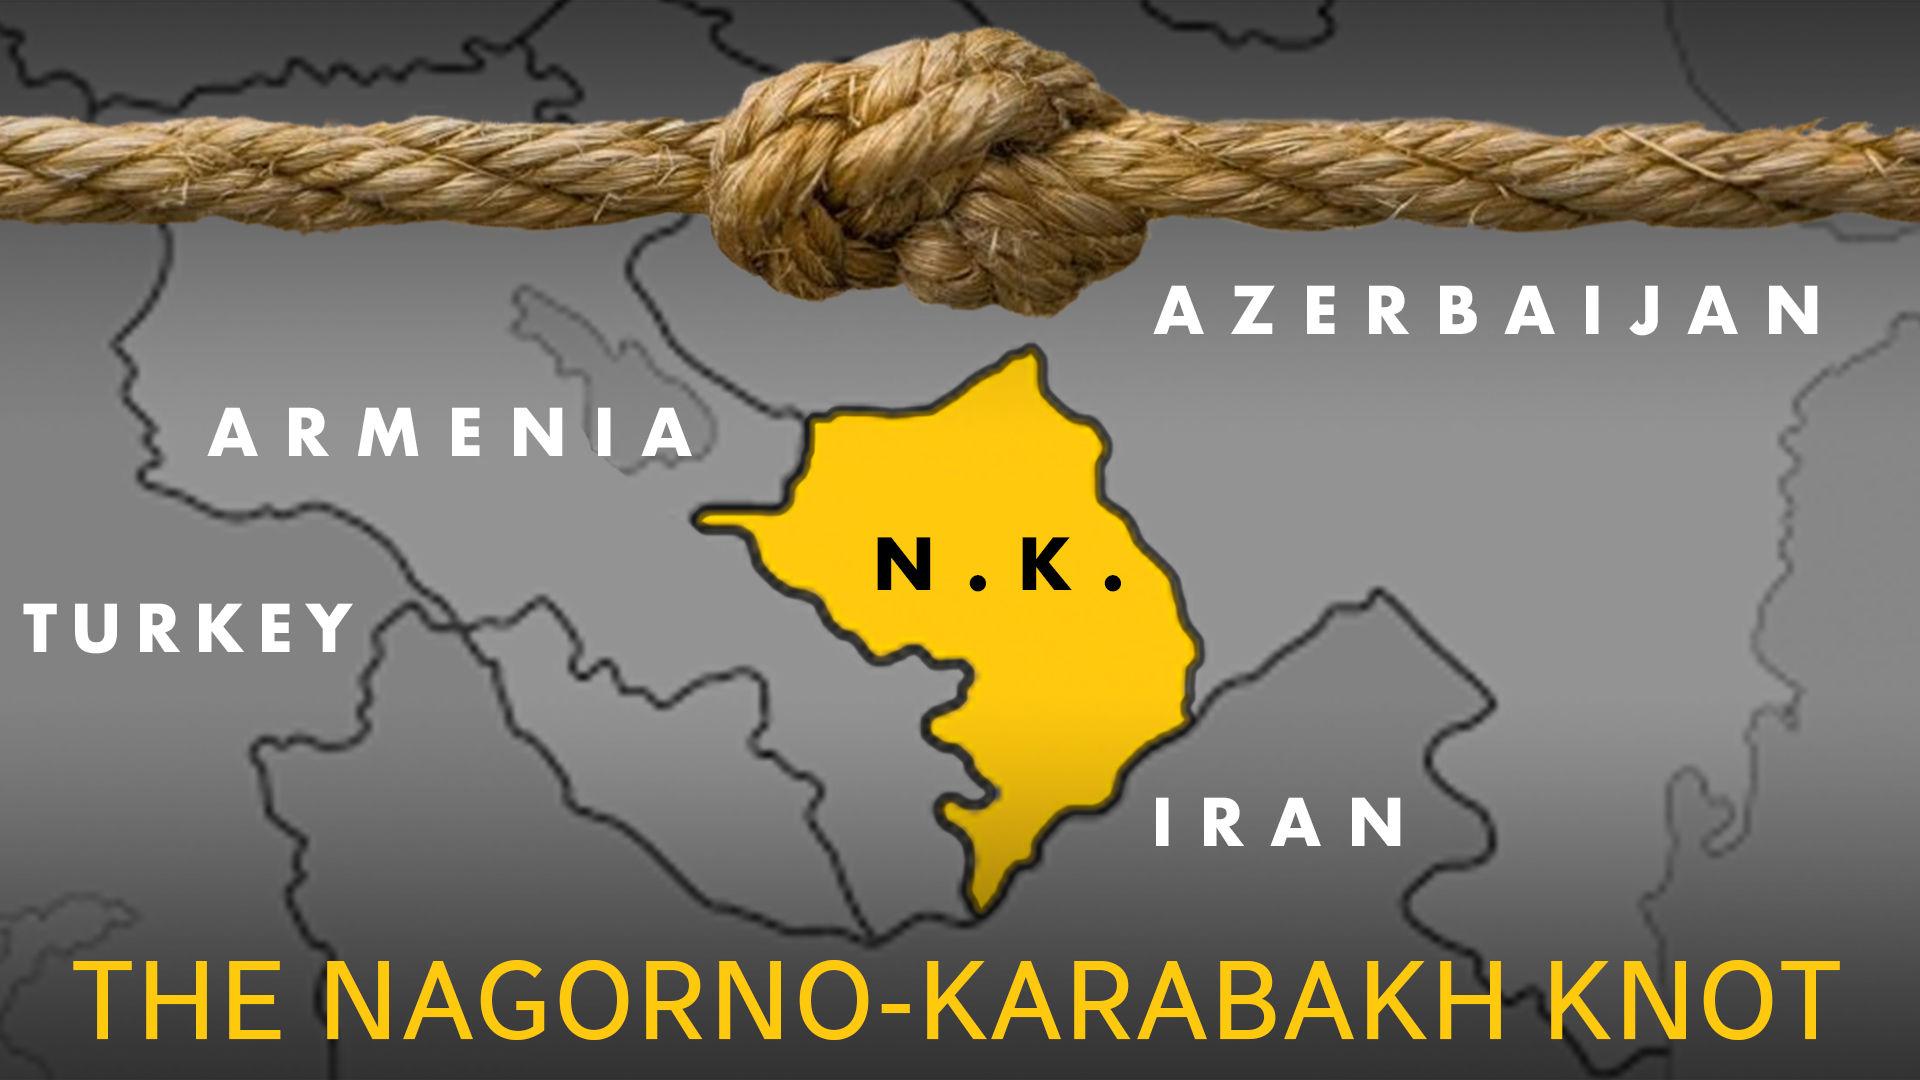 le texte «THE NAGORNO-KARABAKH KNOT» et l'image d'un nœud sur une carte du N.K. région avec l'Arménie, l'Azerbaïdjan, la Turquie et l'Iran